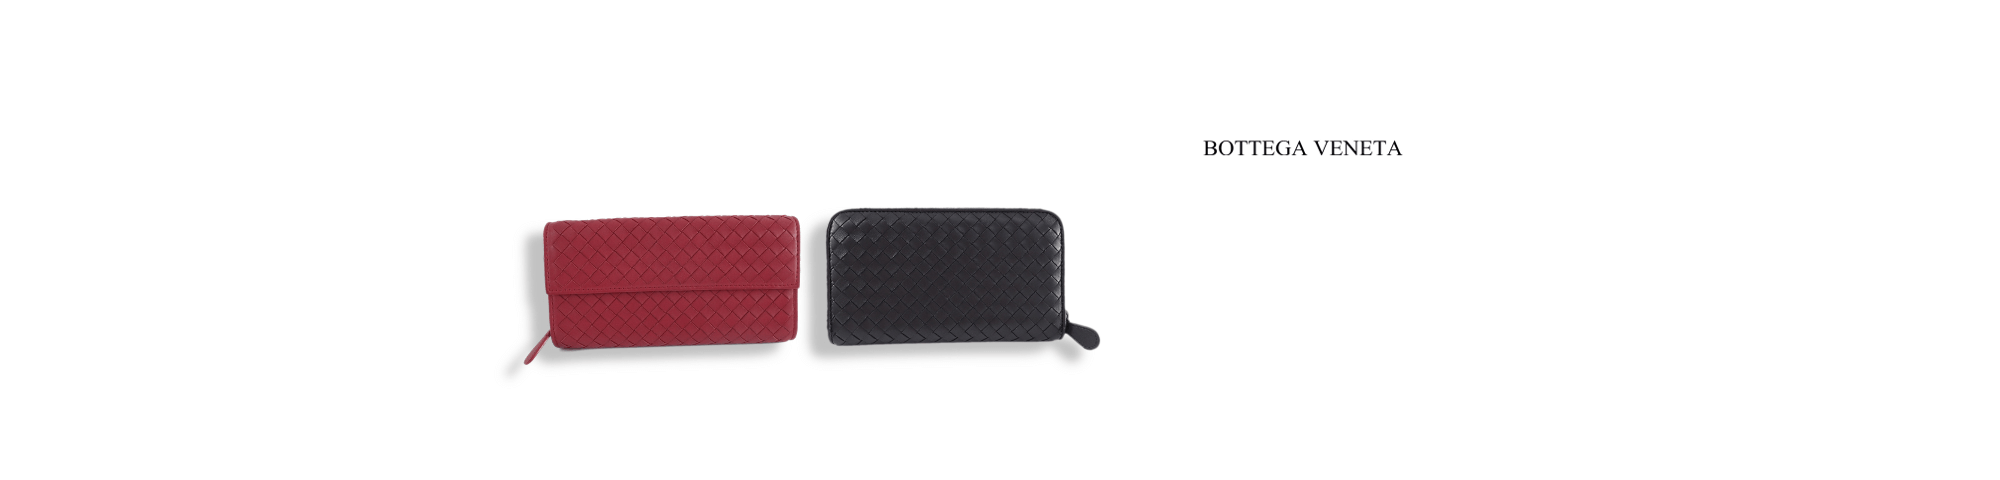 ボッテガヴェネタのボッテガヴェネタ財布買取の高価買取ならお任せ下さい。